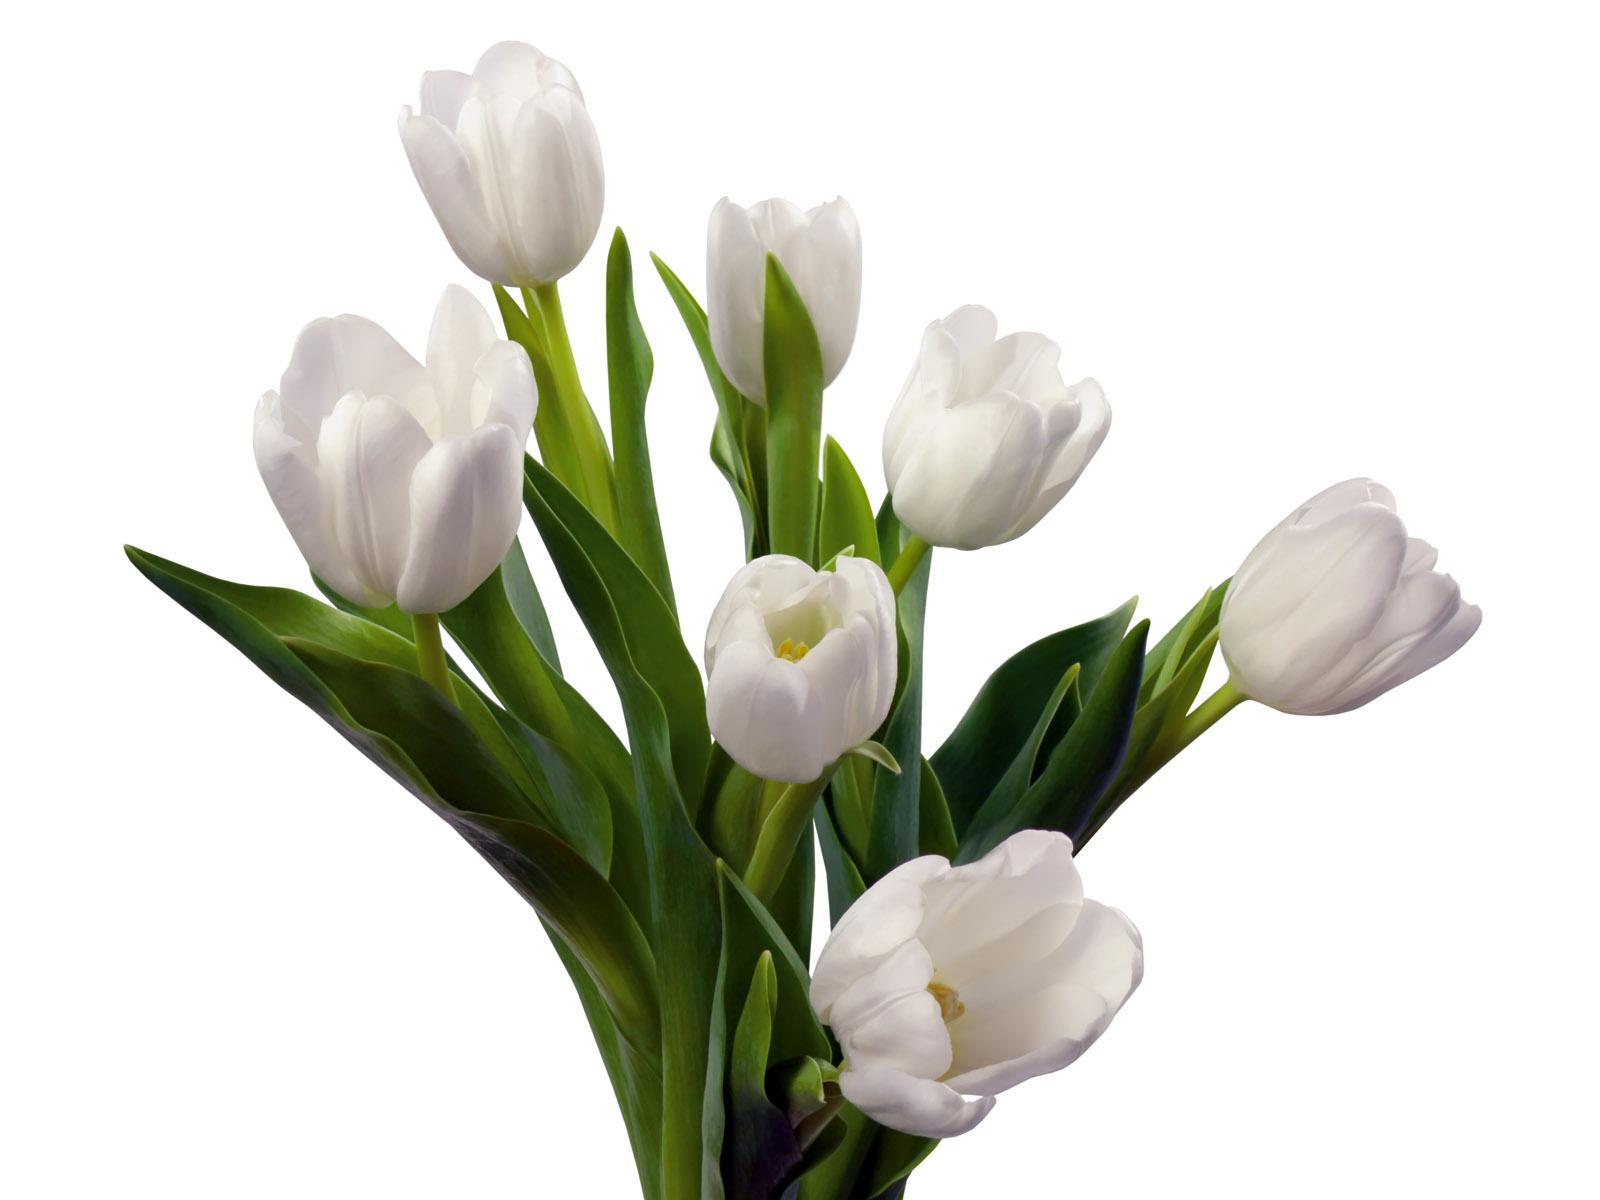 White Tulips Flowers Photo